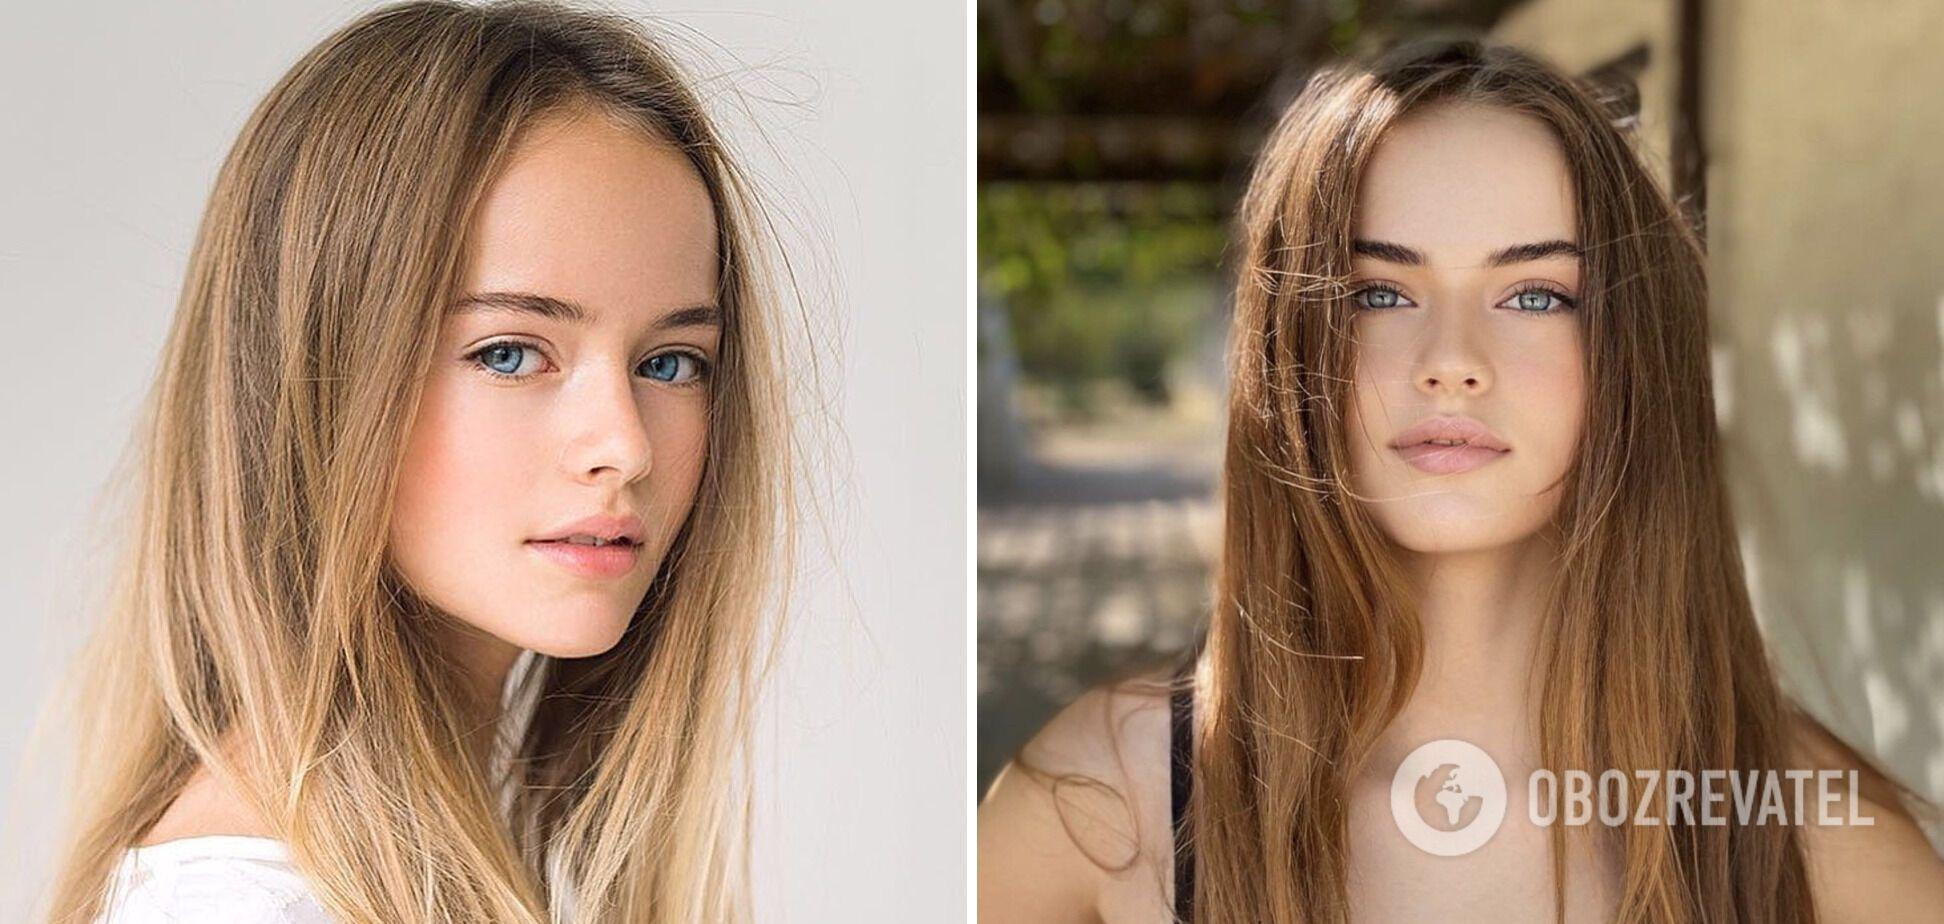 Російська модель Христина Піментова знімалась в кіно.